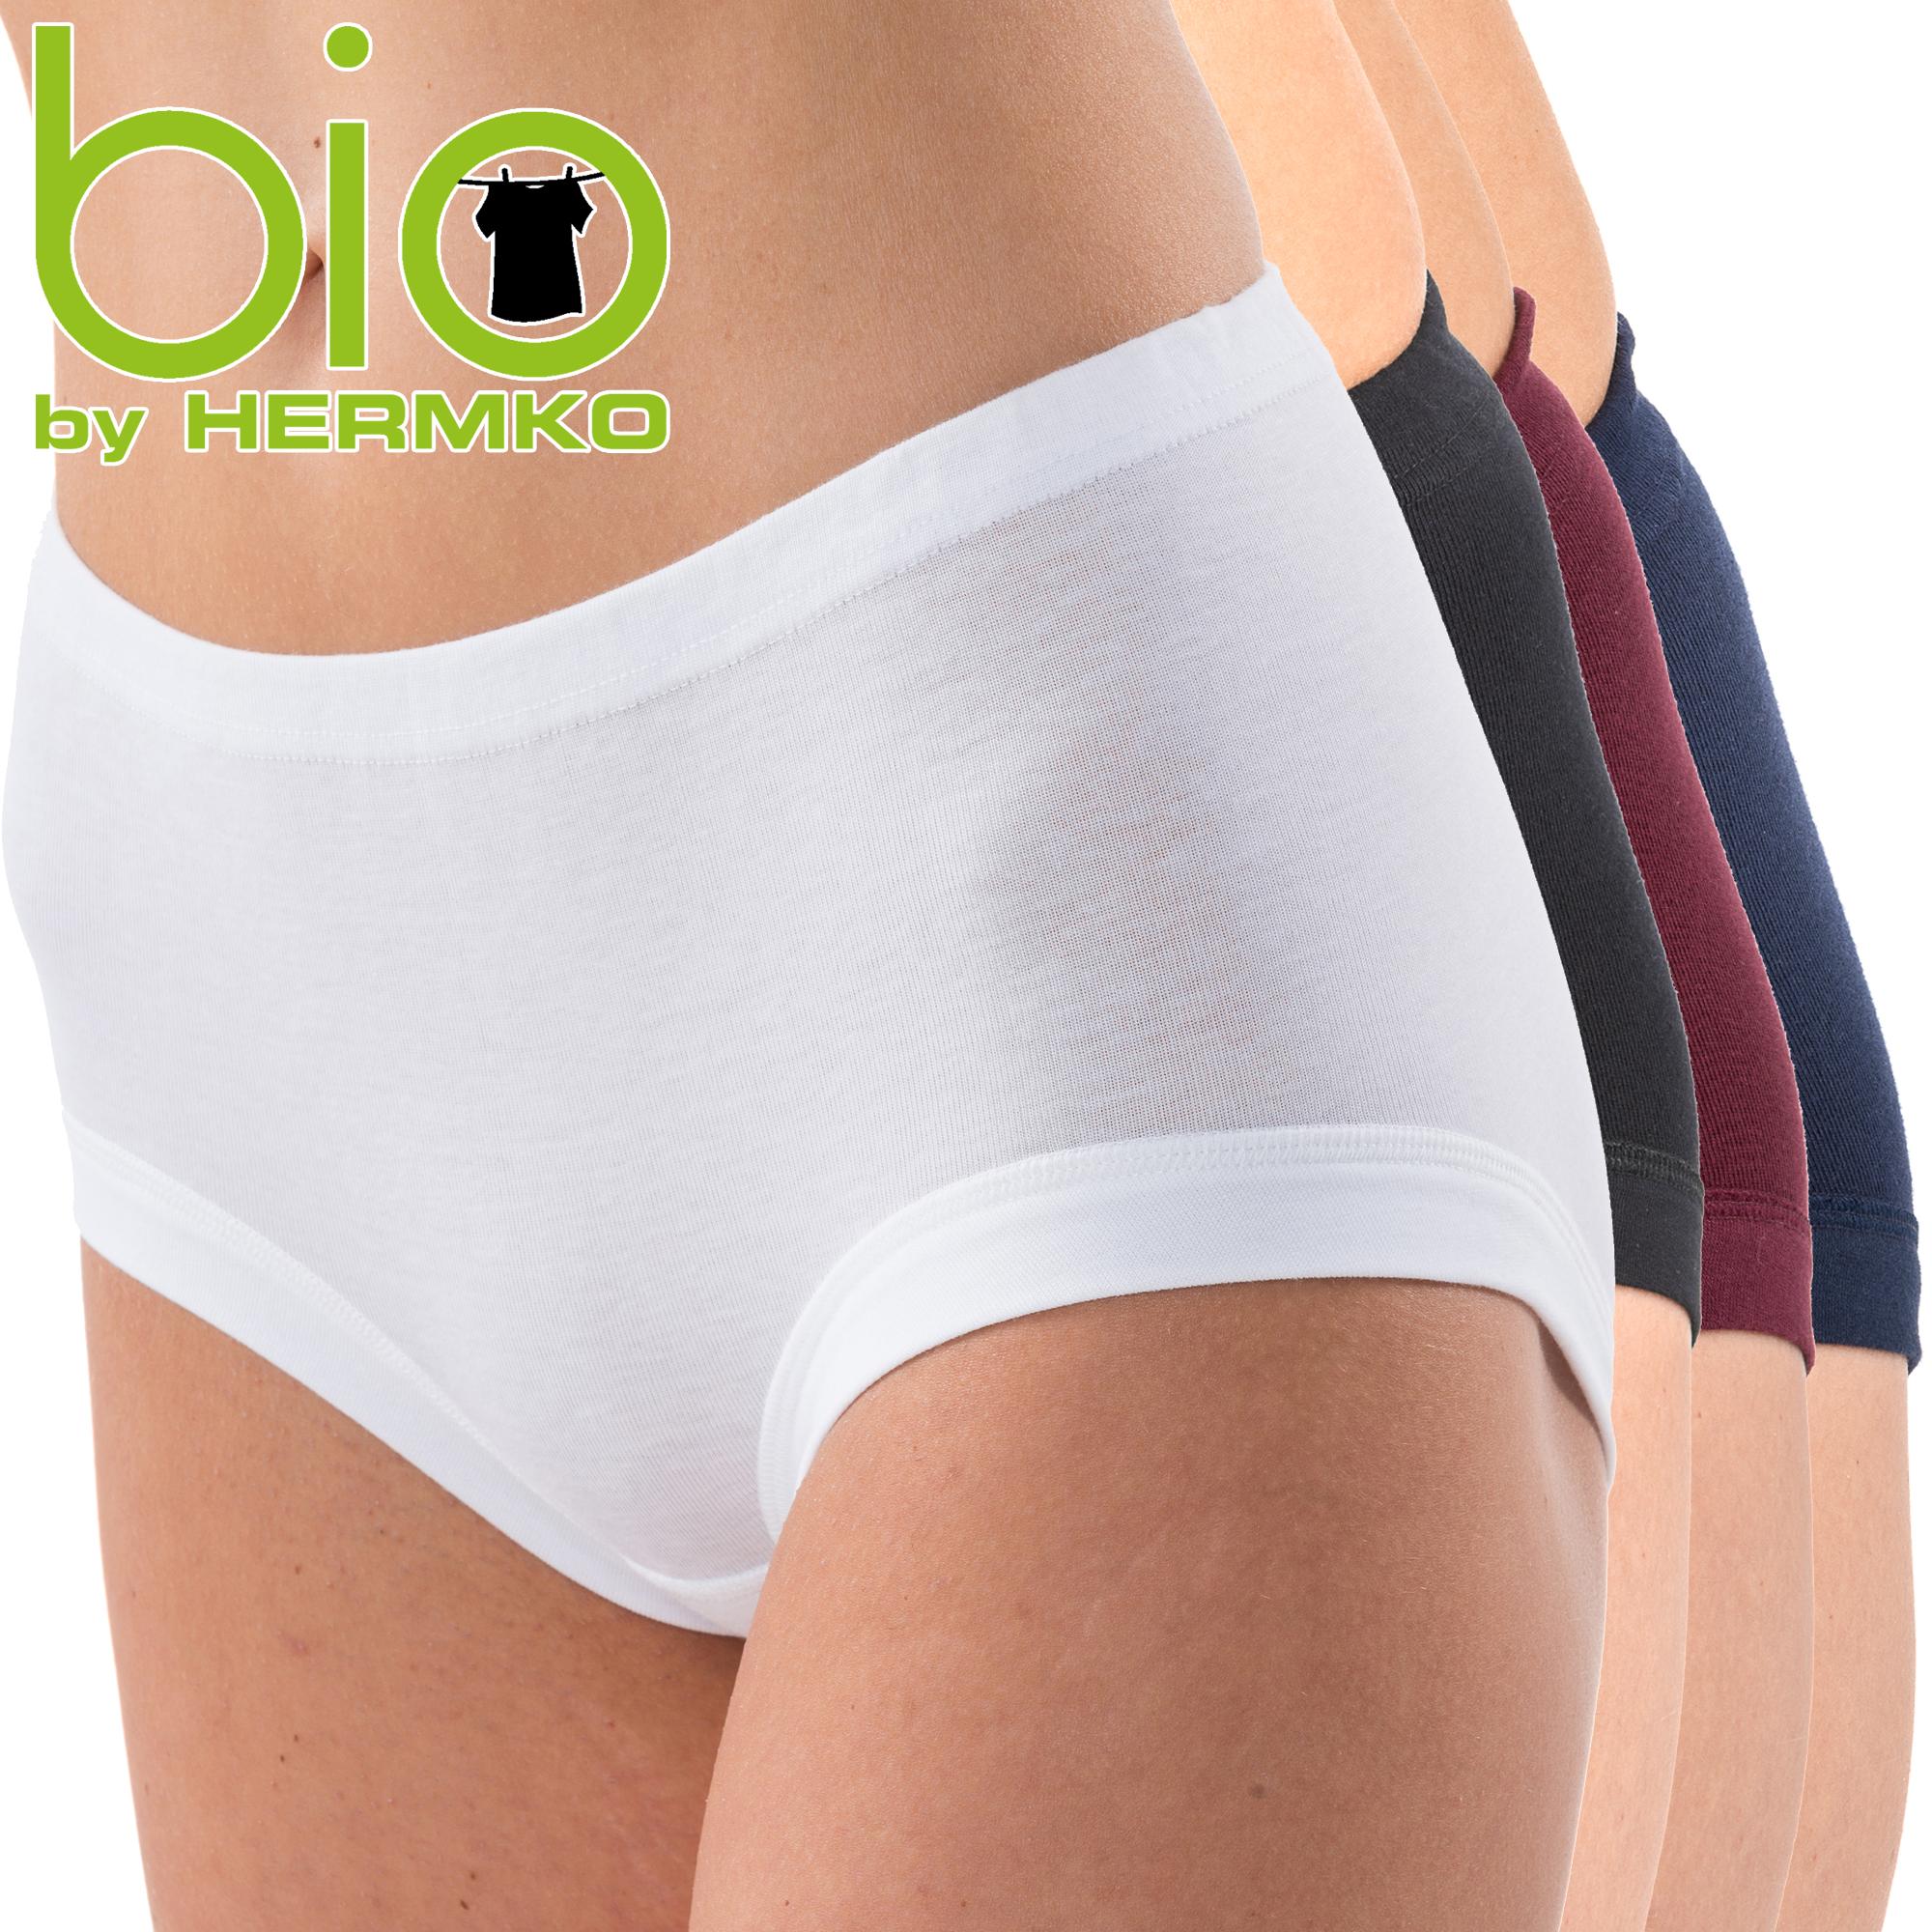 HERMKO 9114001 Damen Taillenslip aus Bio-Baumwolle